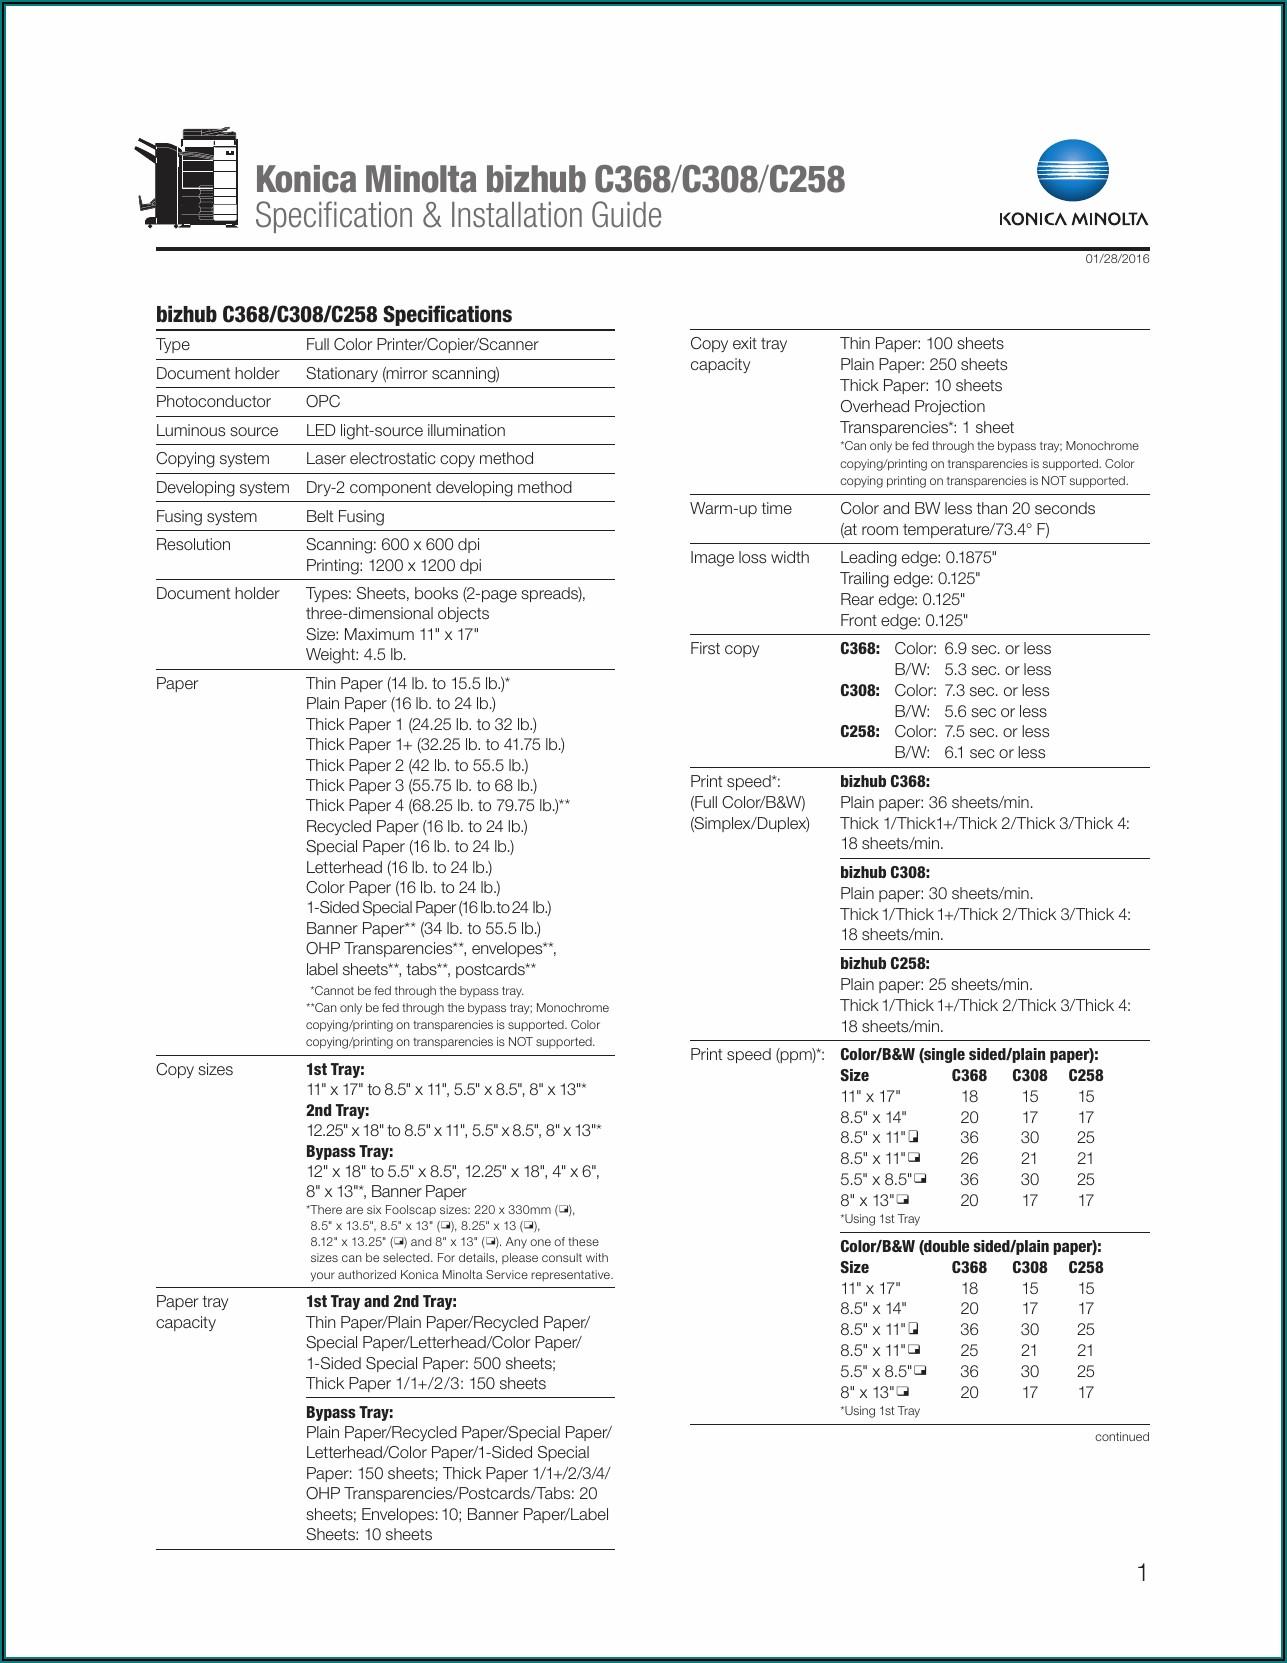 Konica Minolta Bizhub C258 Spec Sheet